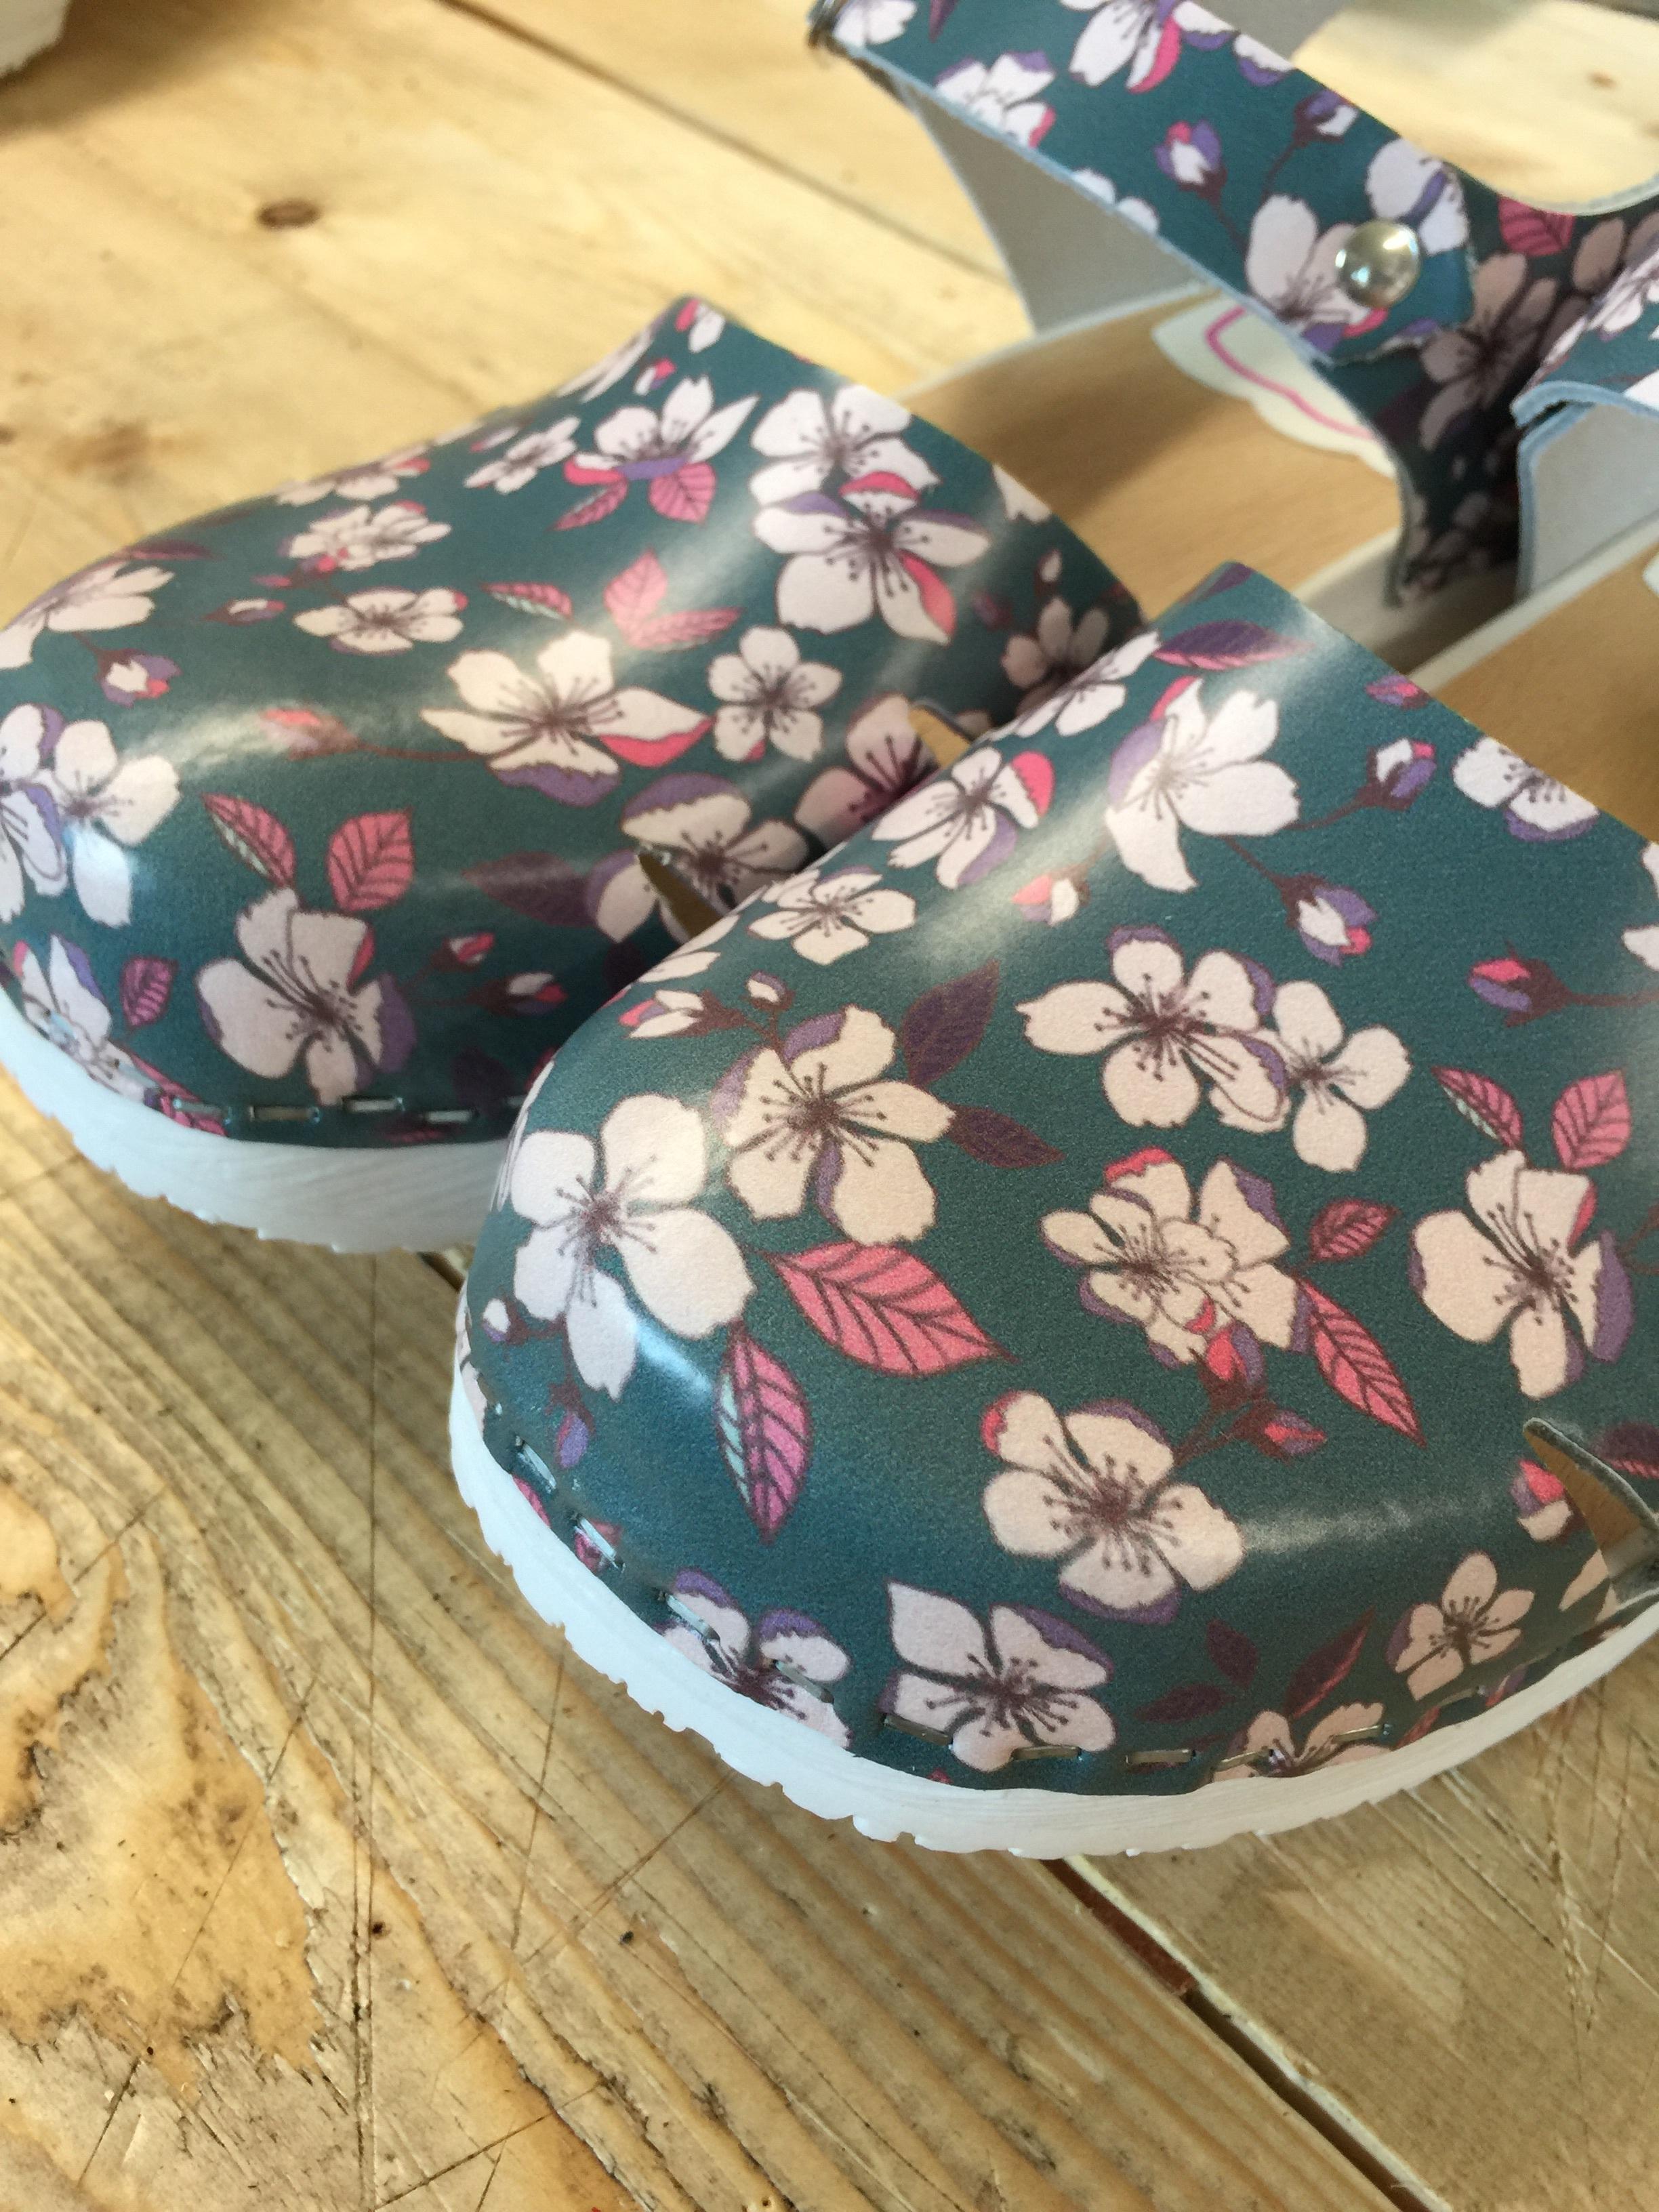 Min vän Dojjans Shoebusiness har gjort tre tofflor av provskinnen. Sååå kul att få se sitt mönster på riktiga produkter. Här i favoritfärgen Petrol.